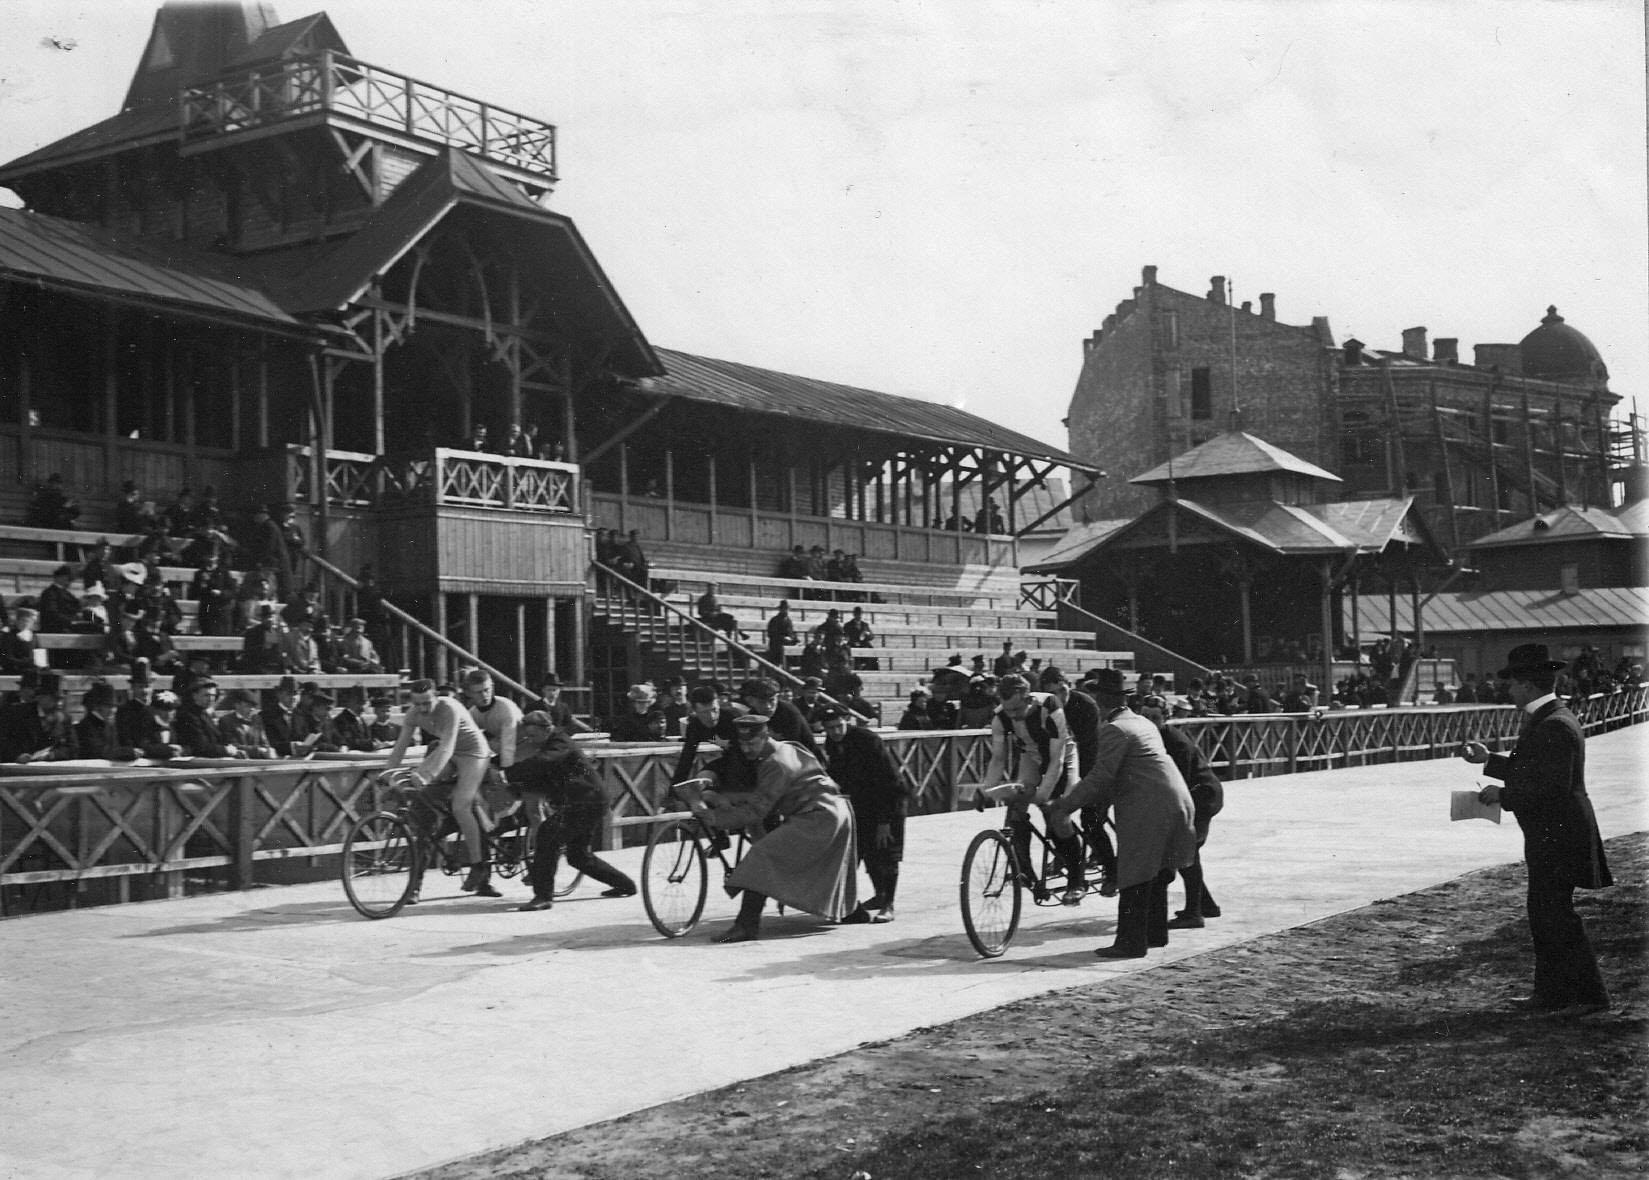 Старт гонщиков на двухместных велосипедах на велодроме